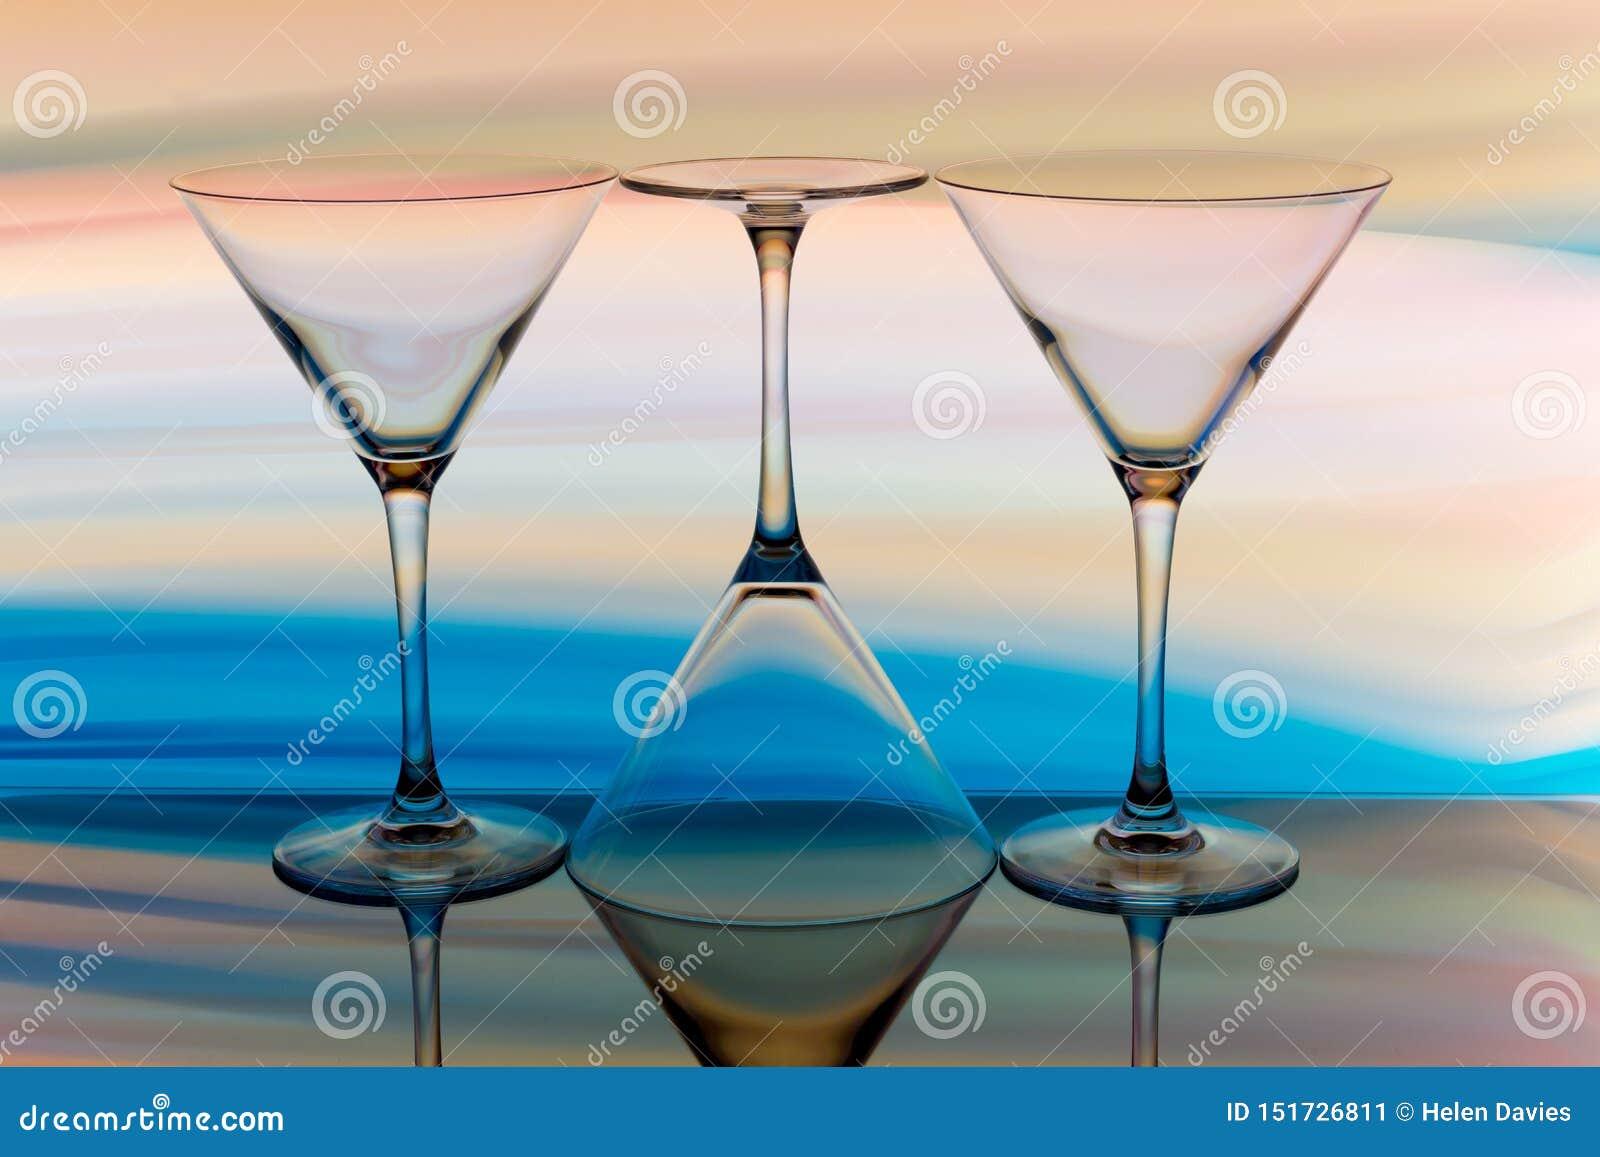 鸡尾酒/马蒂尼鸡尾酒玻璃与后边颜色彩虹